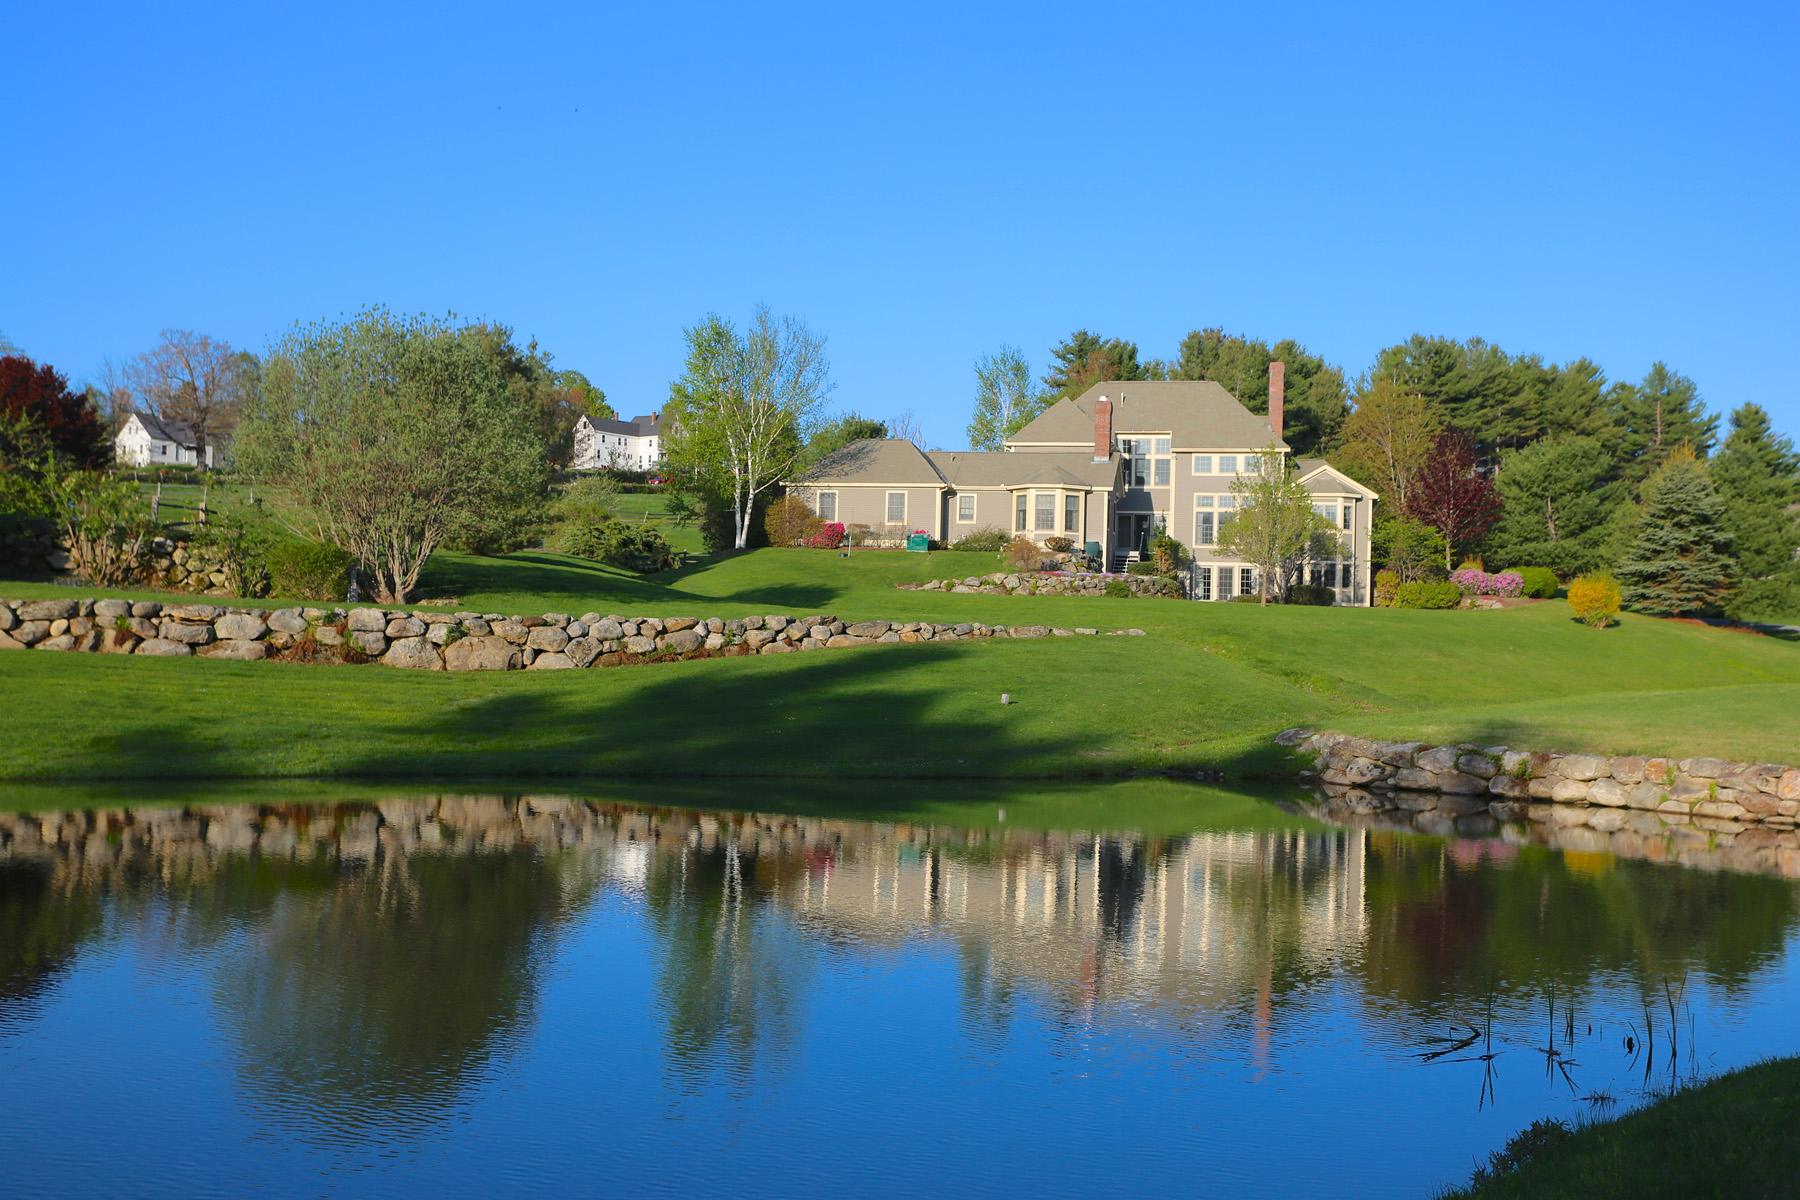 Villa per Vendita alle ore 68 Todd Farm Lane, New London 68 Todd Farm Ln New London, New Hampshire 03257 Stati Uniti